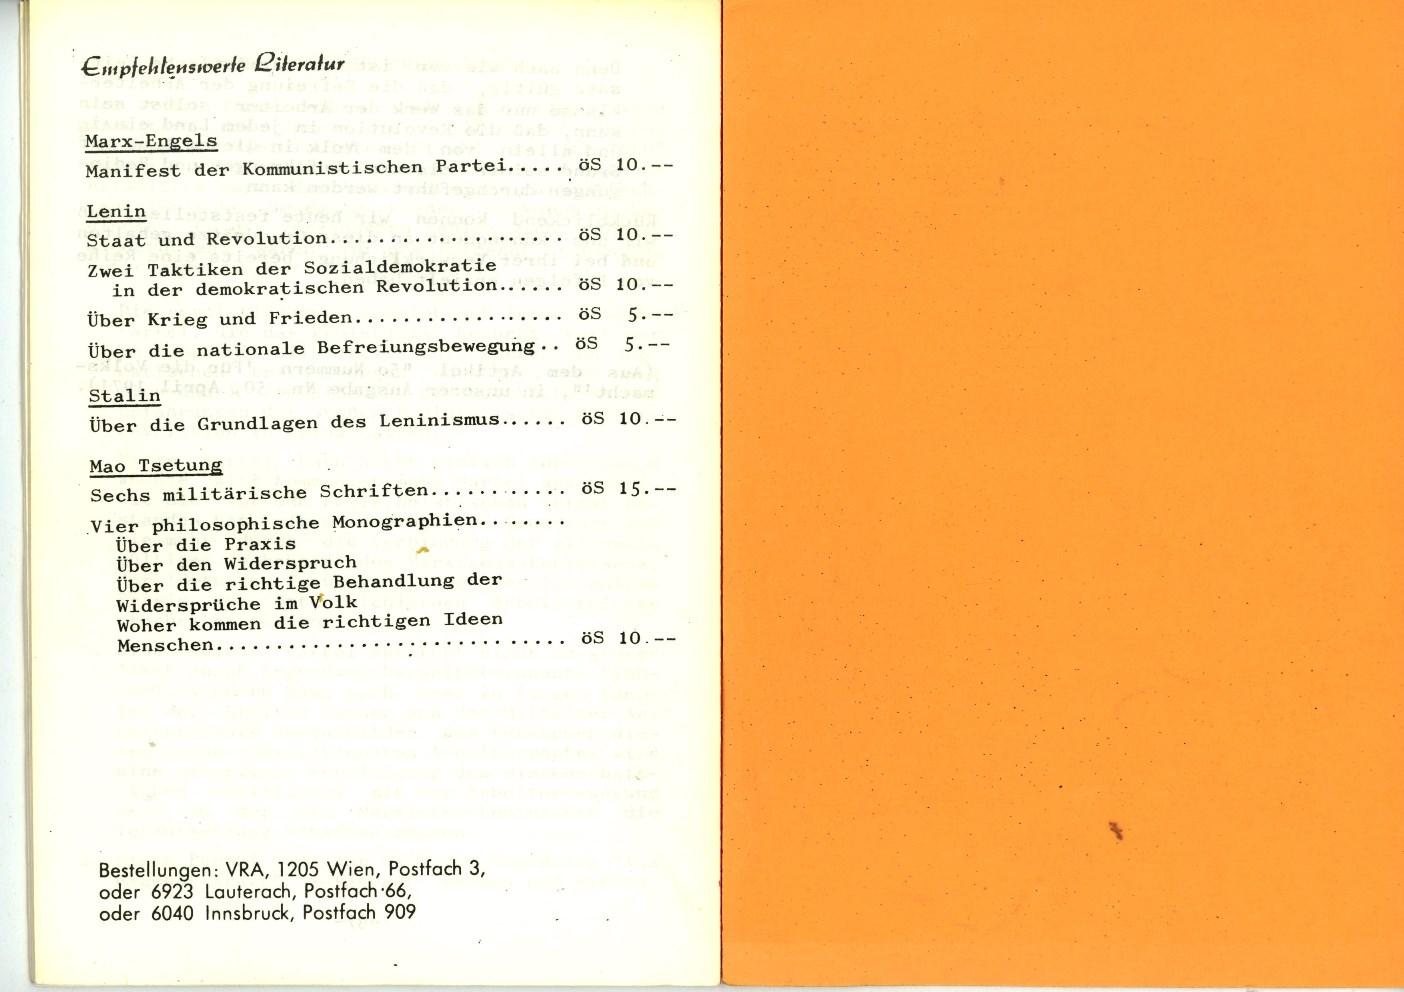 VRA_Grundsatzerklaerung_1971_21